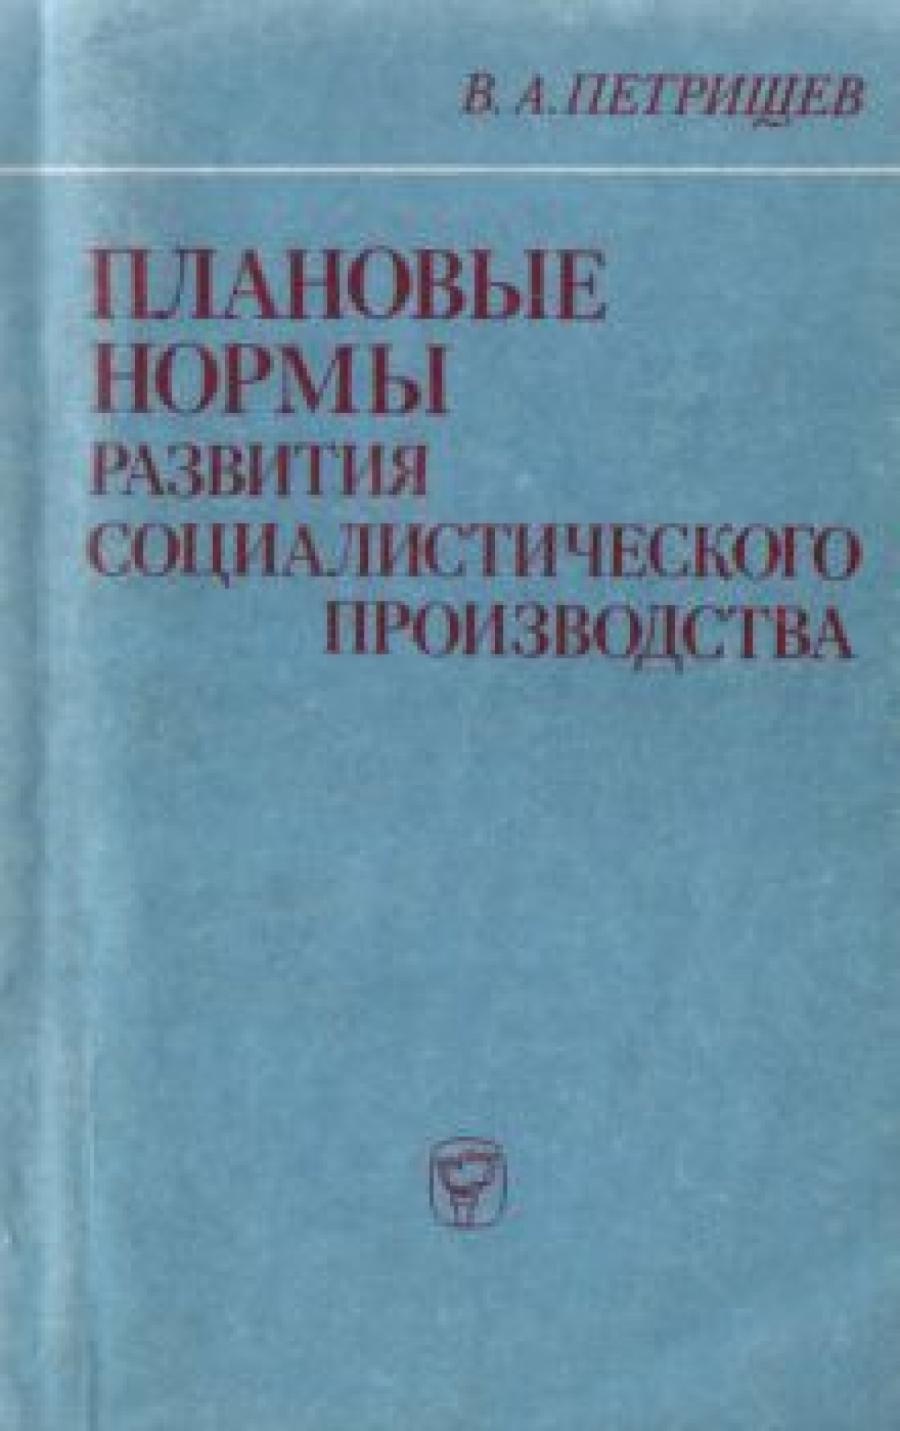 Обложка книги:  петрищев в. а. - плановые нормы развития социалистического производства